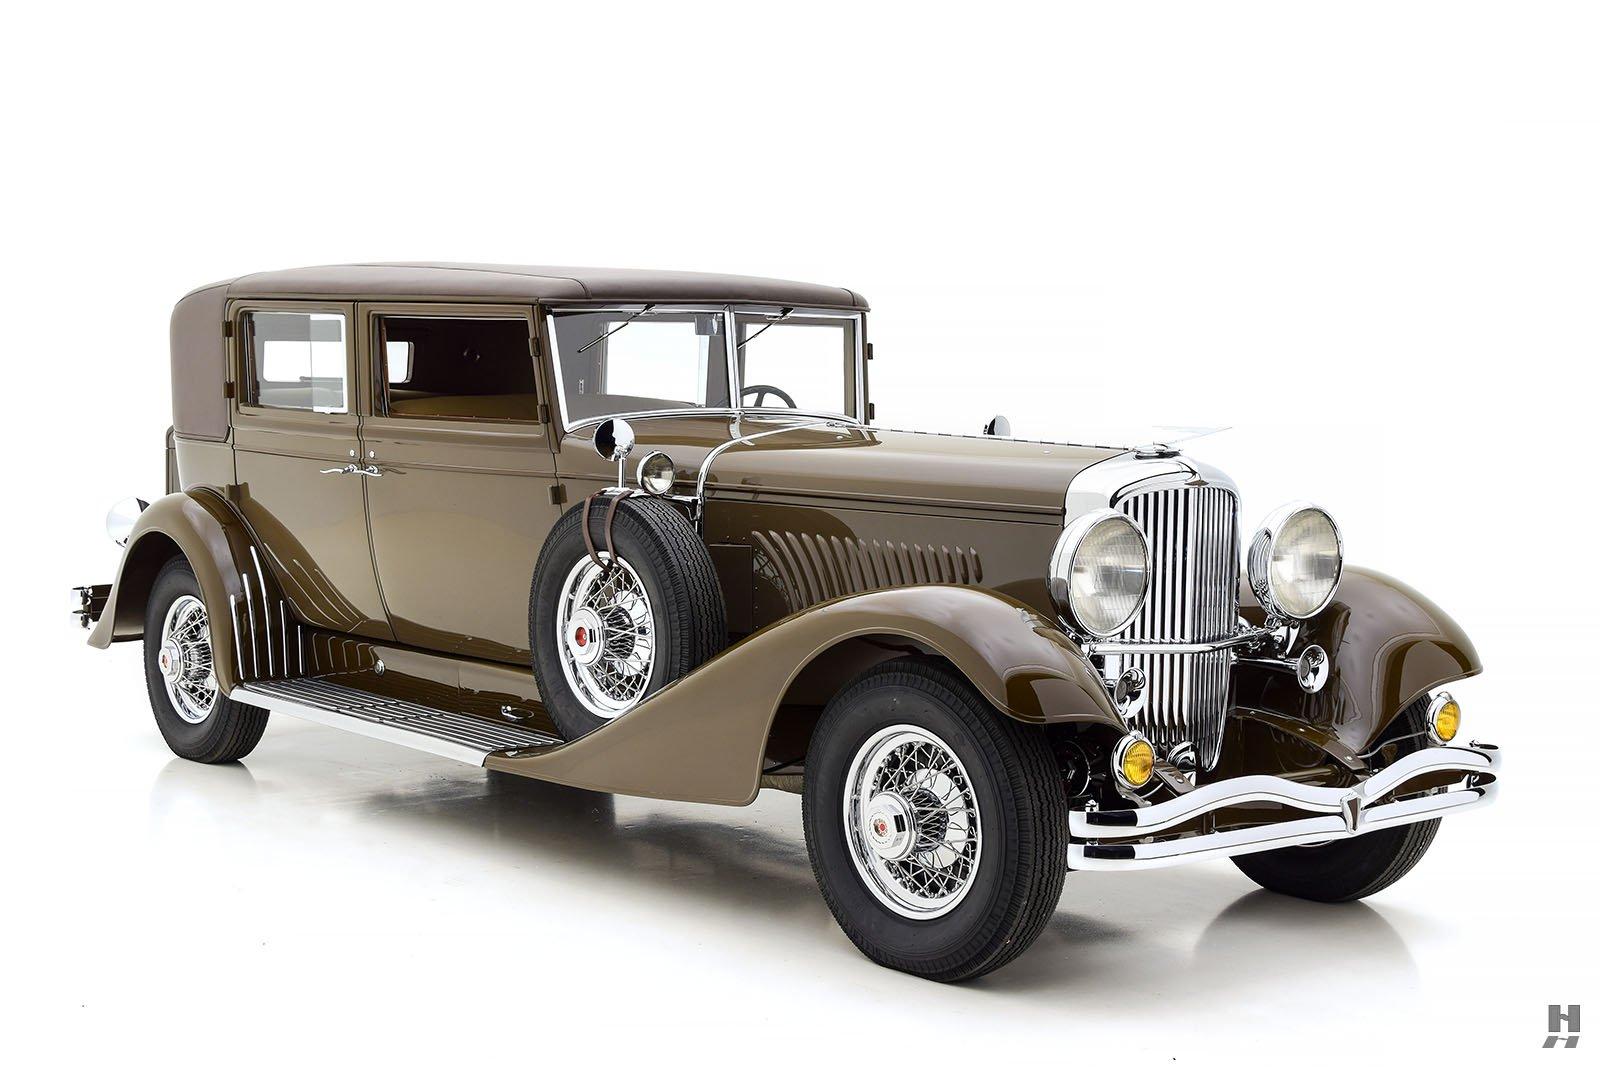 Duesenberg For Sale >> 1935 Duesenberg Model J Judkins Special Berline For Sale Hyman